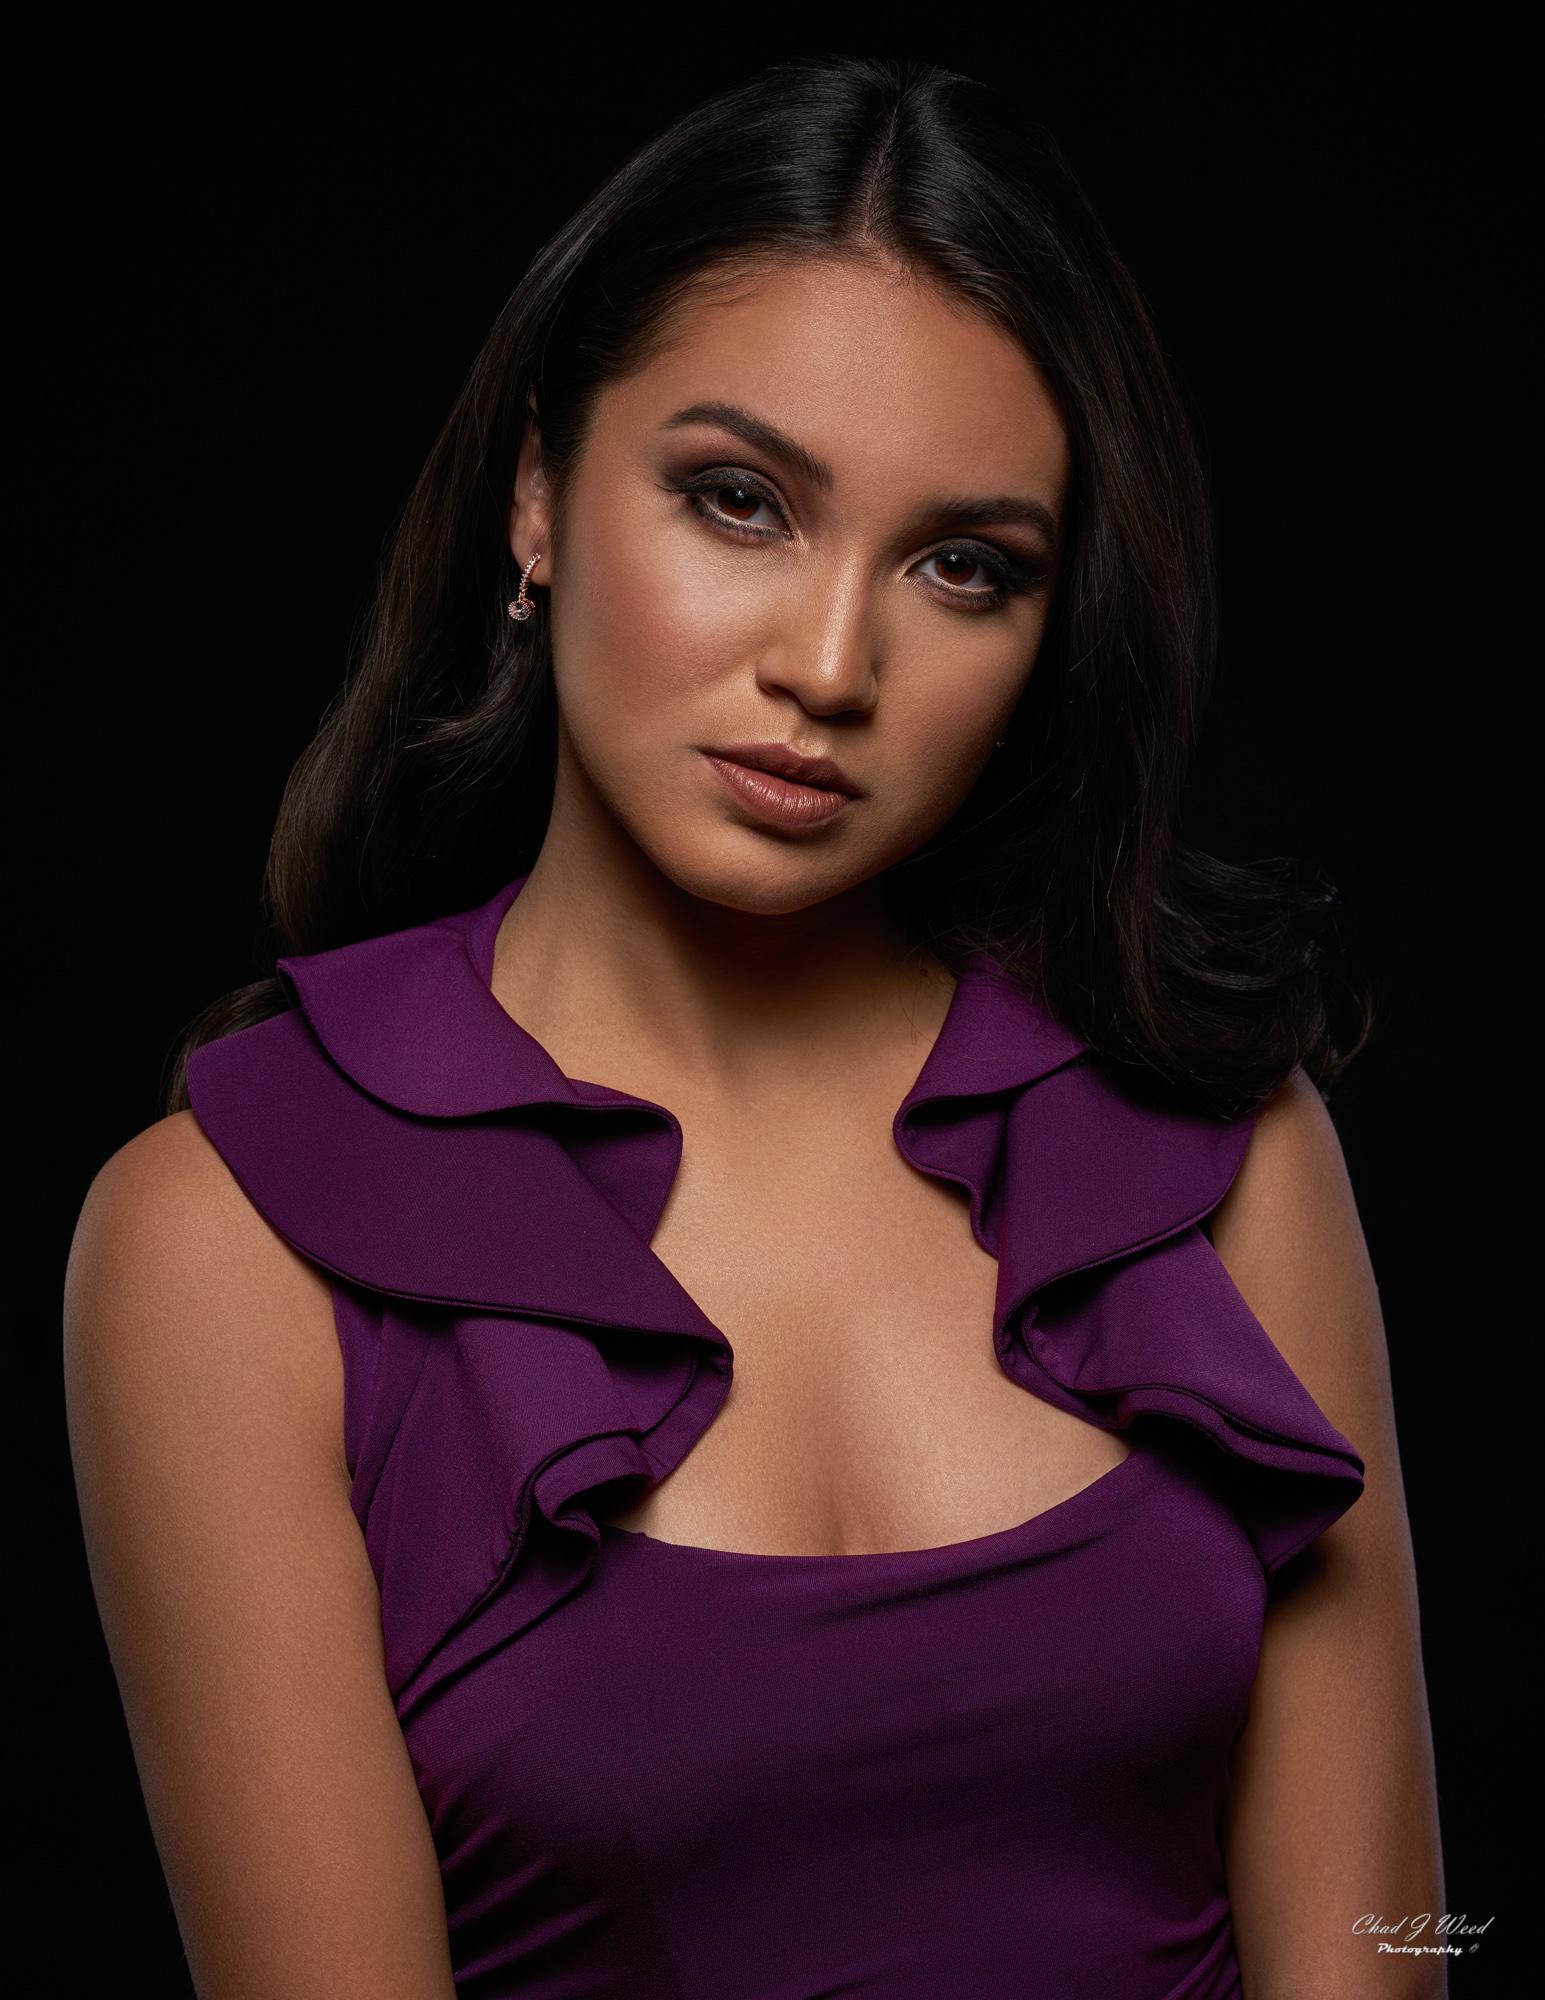 Beauty Model Zari by Arizona Portrait Photographer Chad Weed